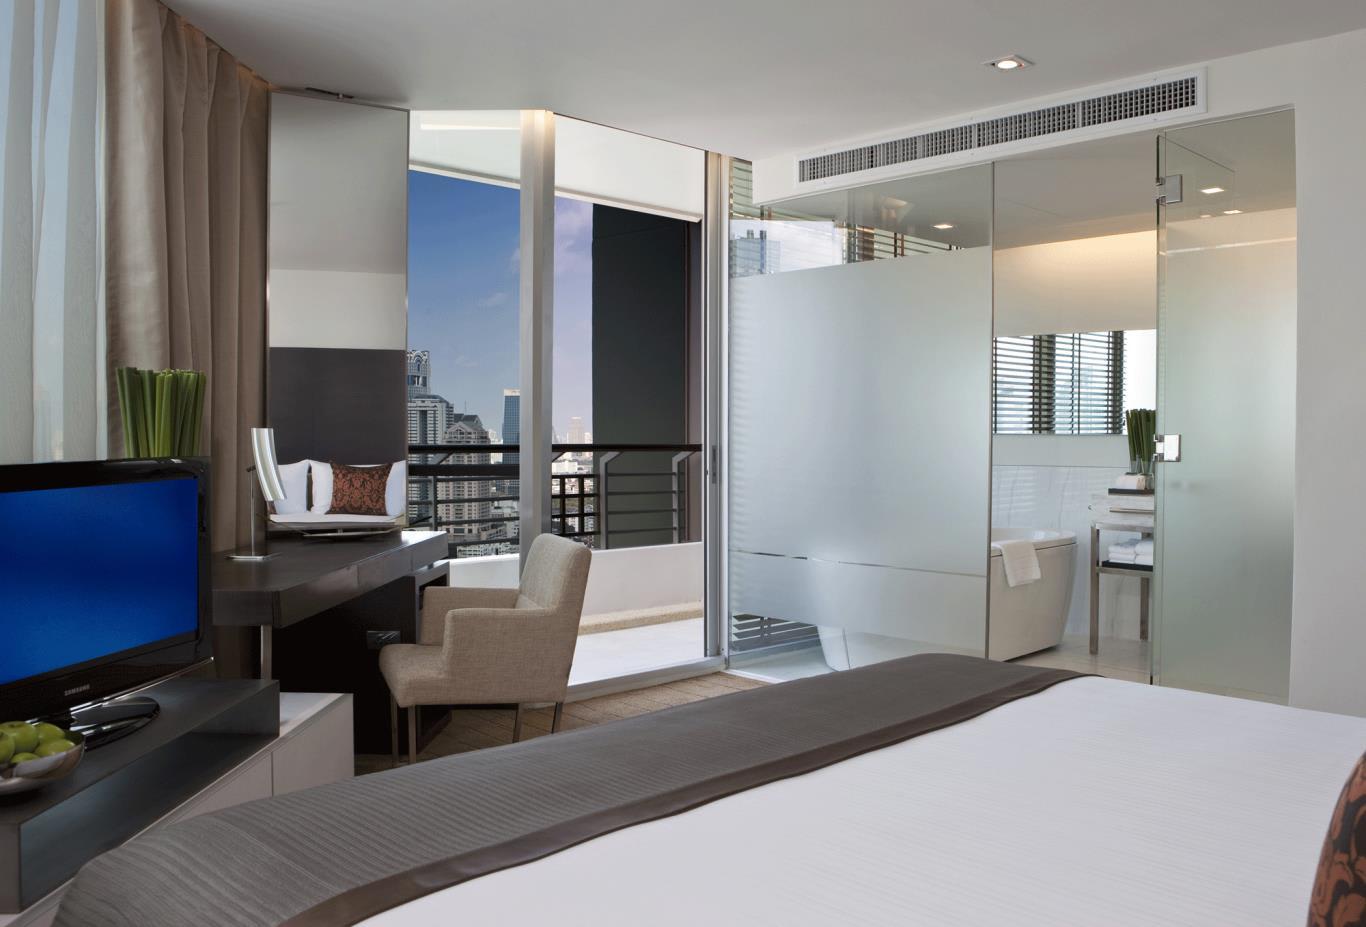 2 bedroom suites Master